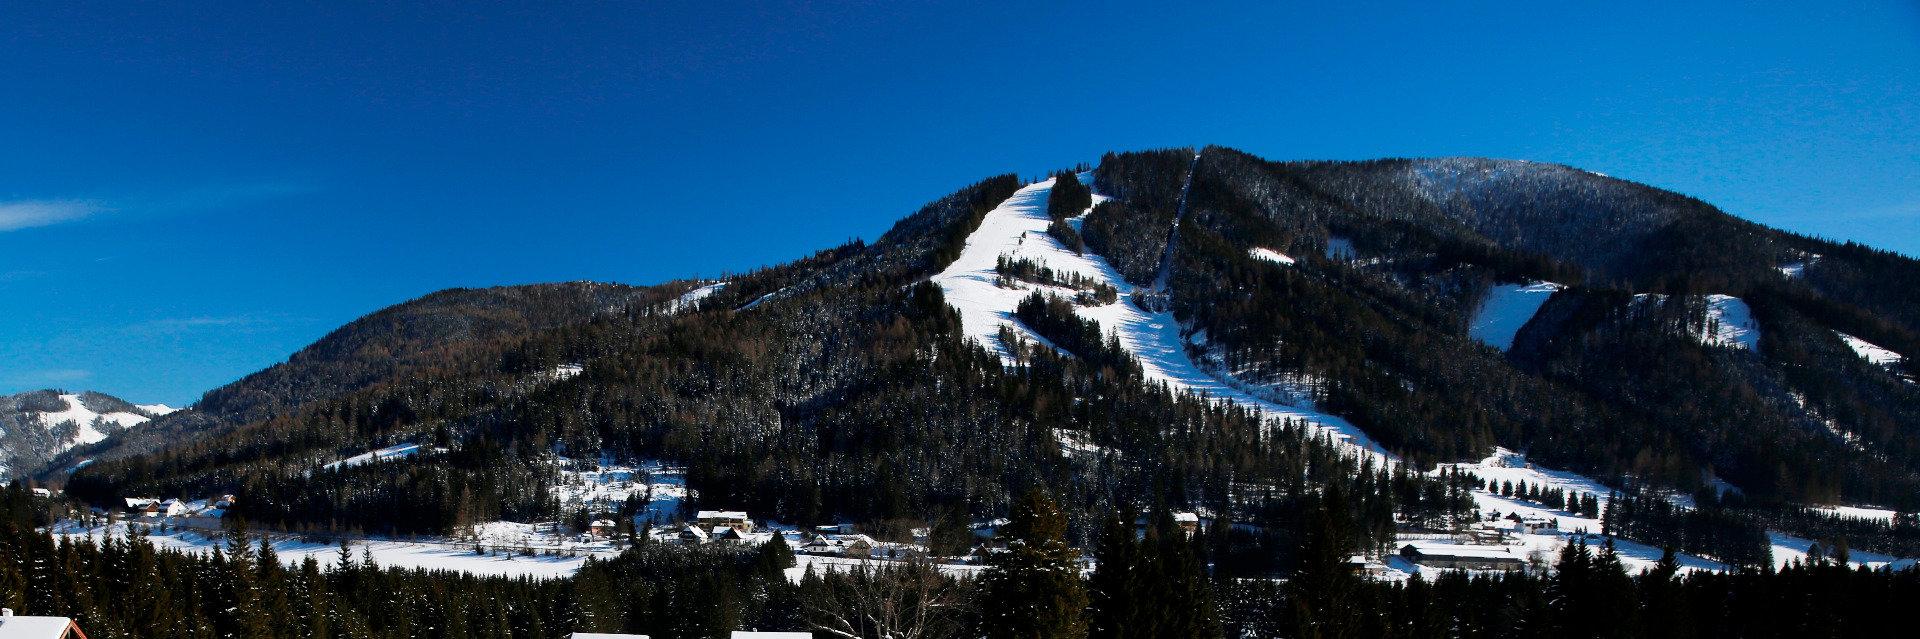 Der Blick vom Loipenzentrum auf die Skipisten - © Herbert Raffalt/Tourismusverband Hohentauern